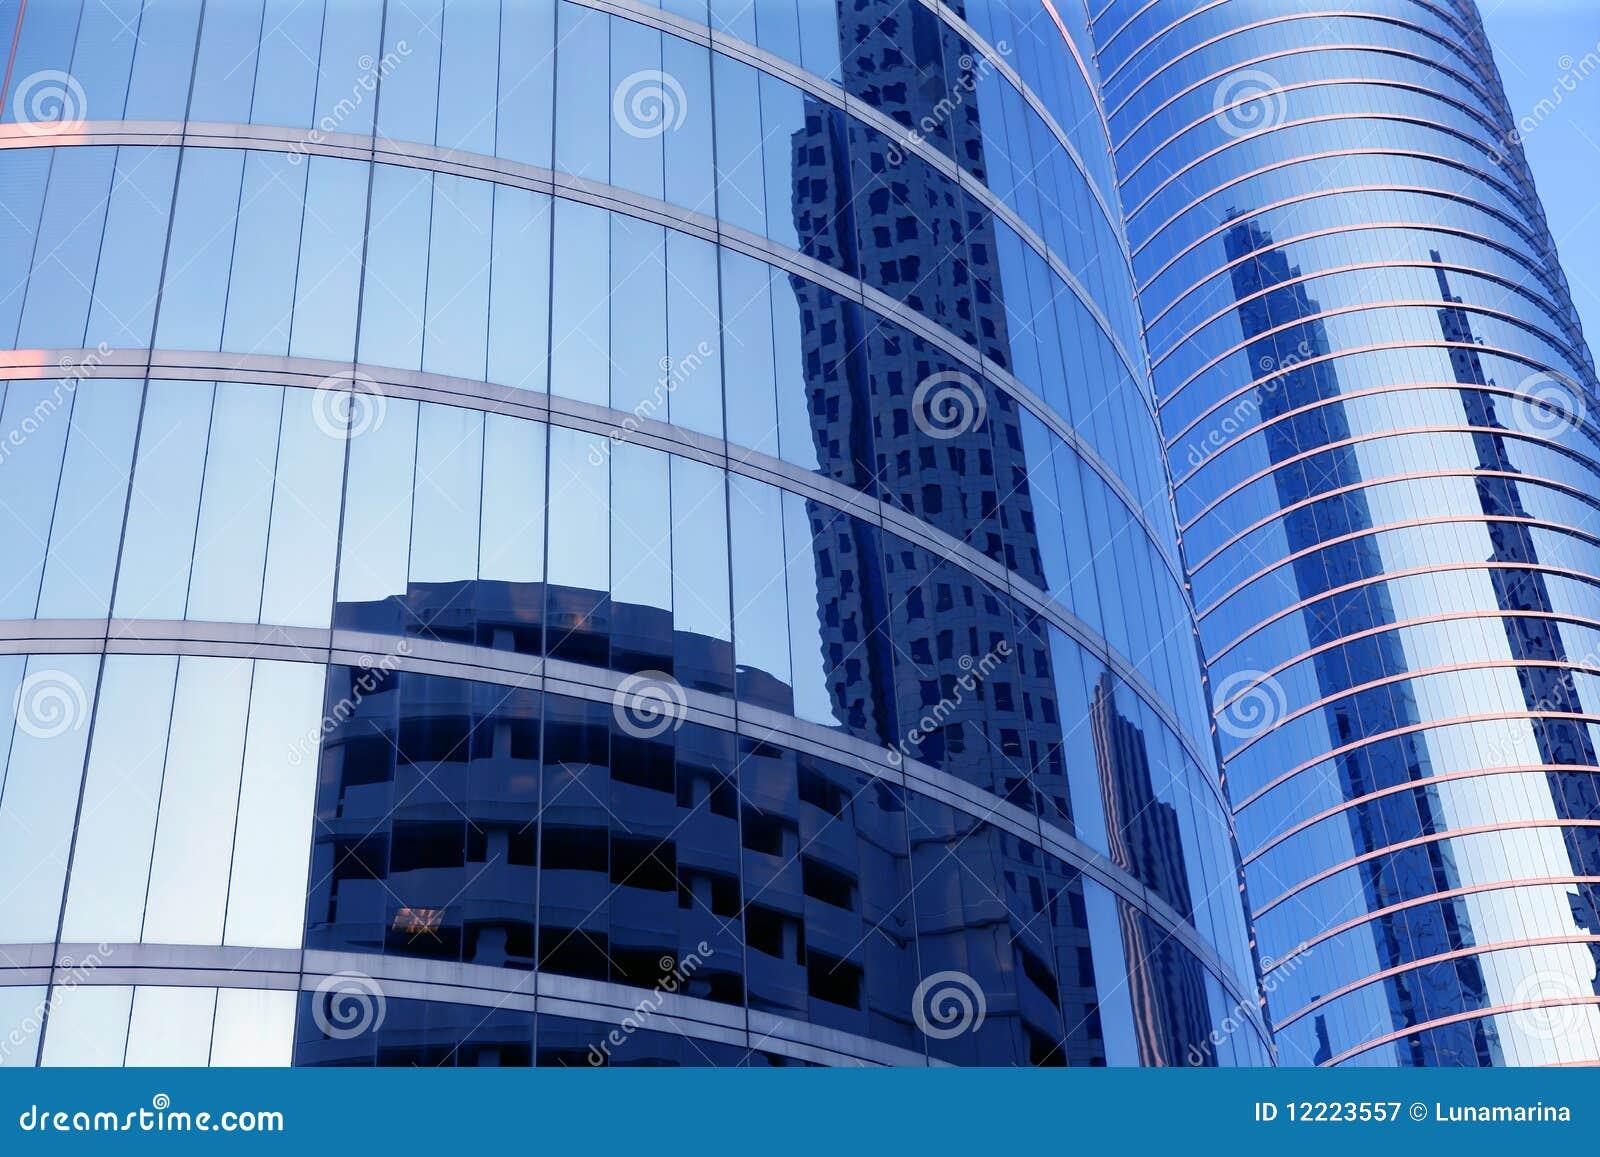 蓝色大厦门面玻璃镜子摩天大楼